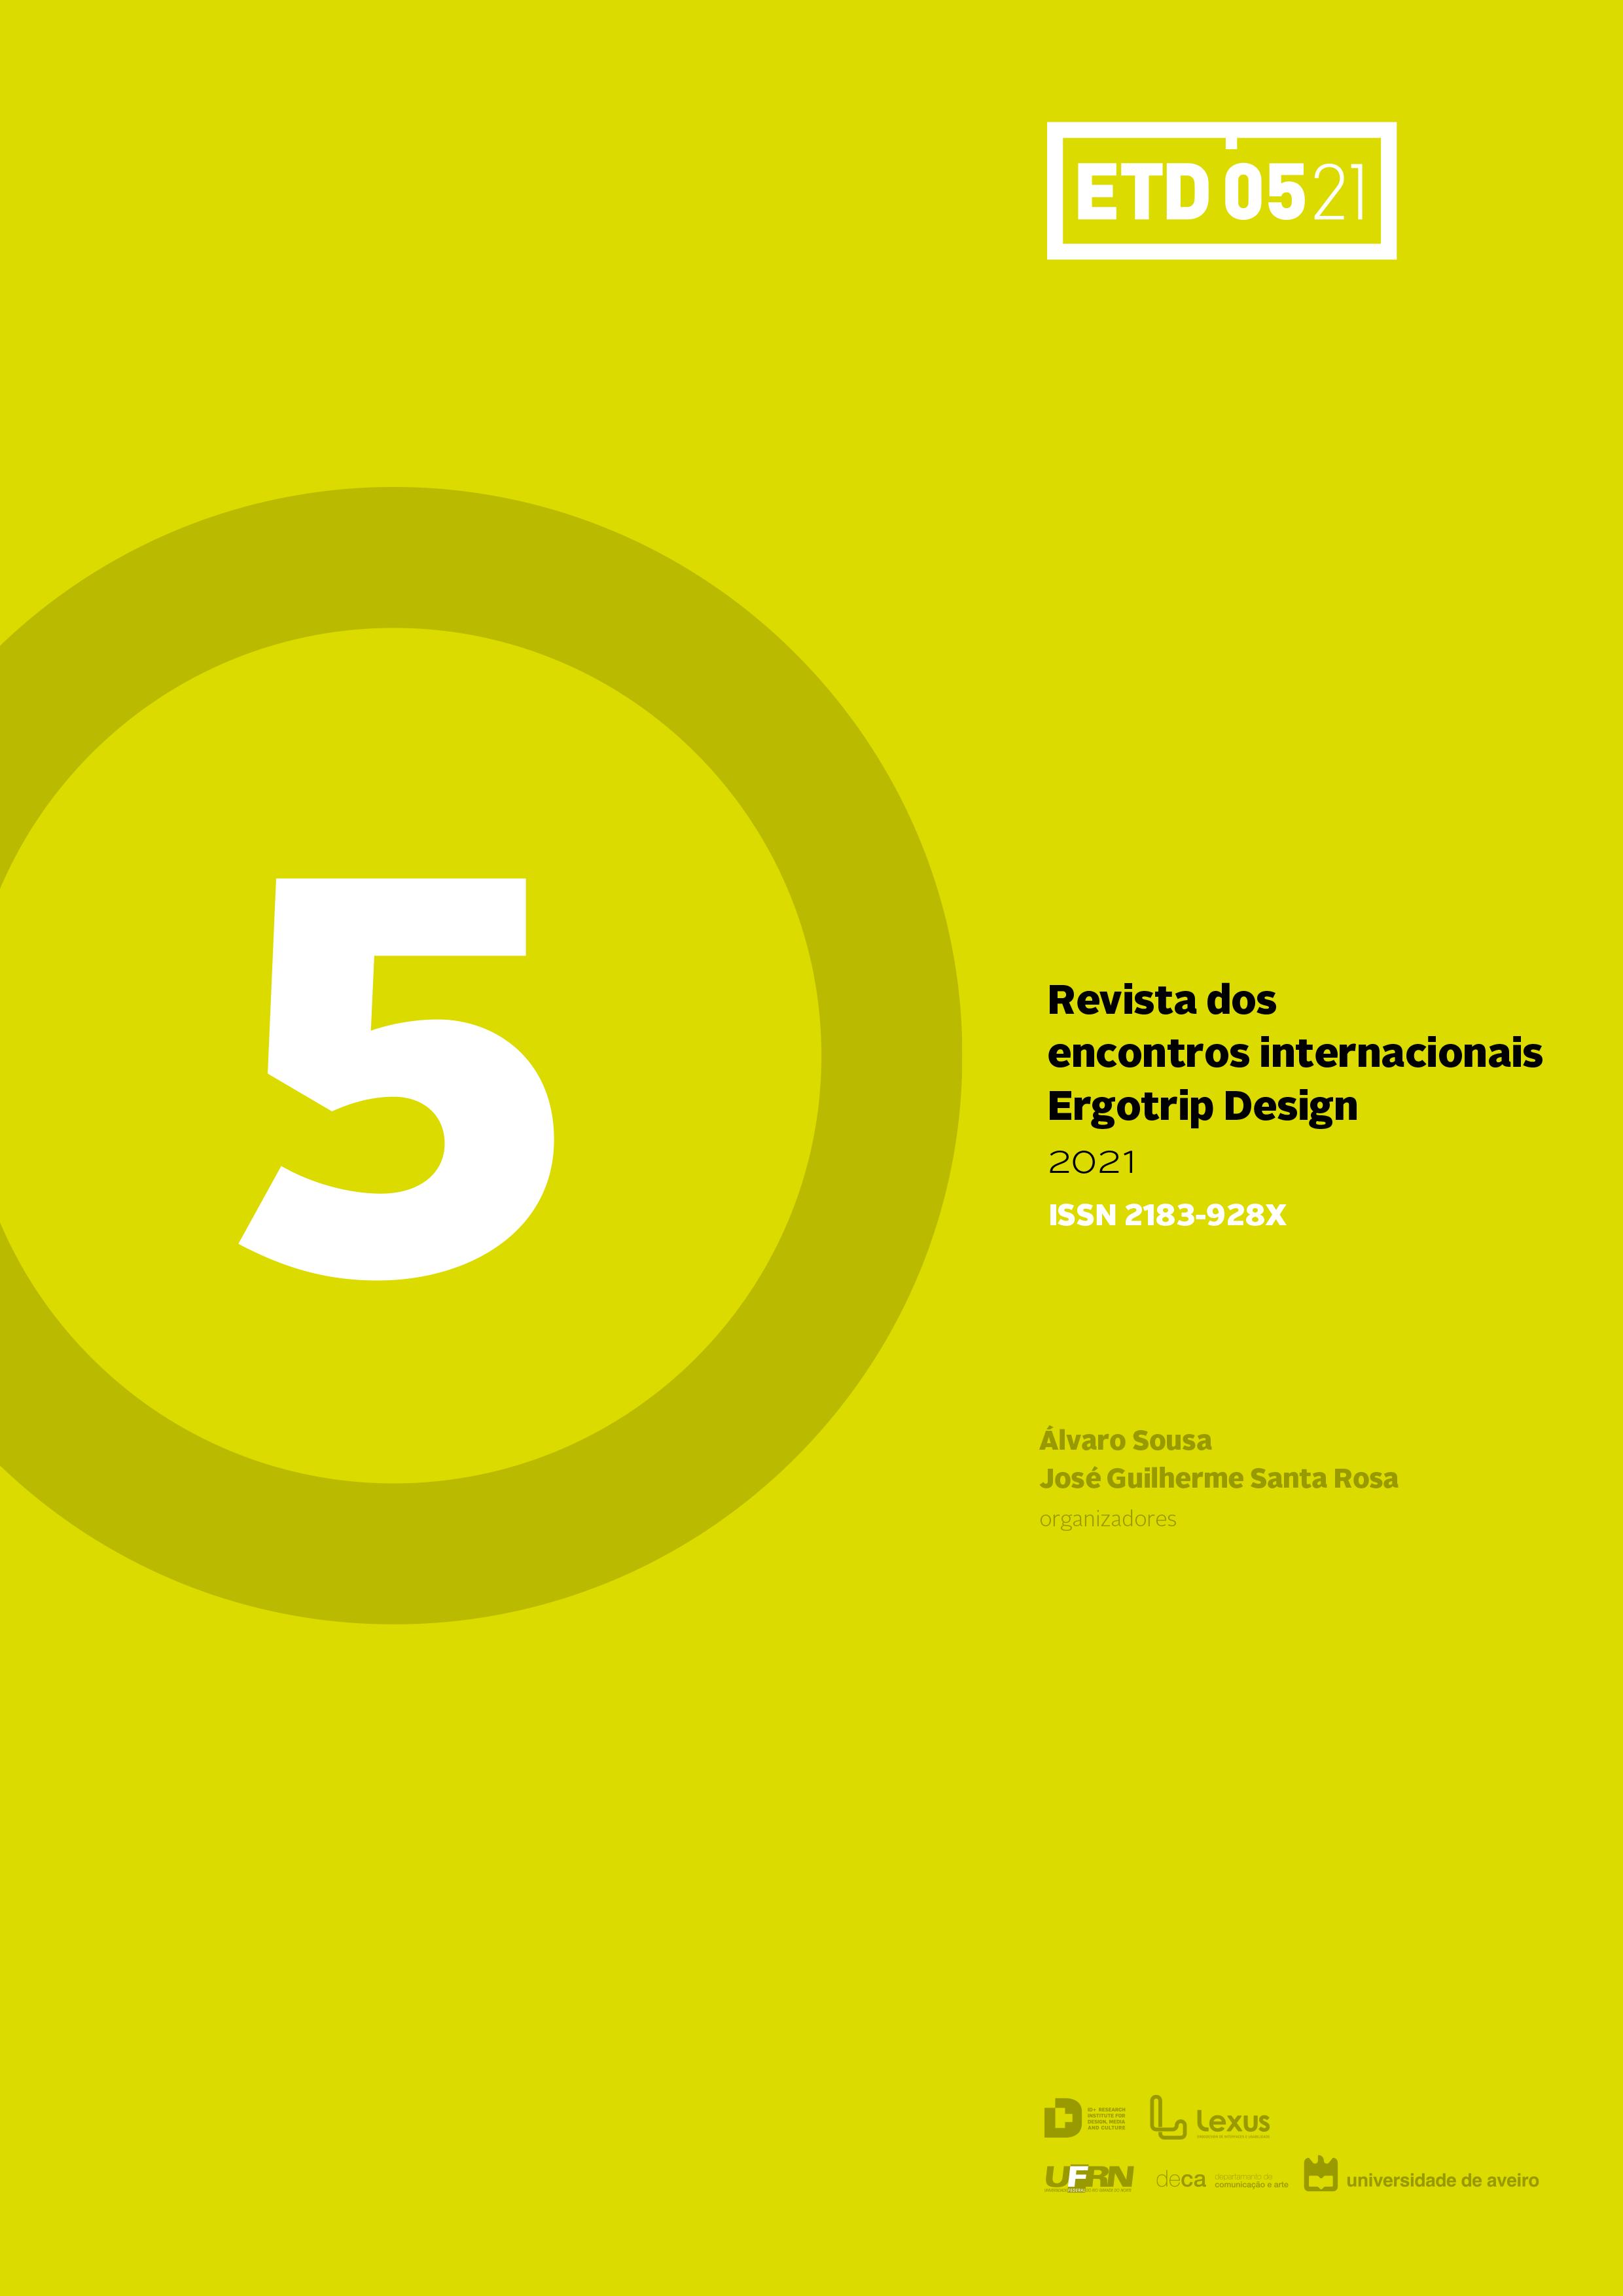 Capa do nº5 da revista dos encontros internacionais Ergotrip Design